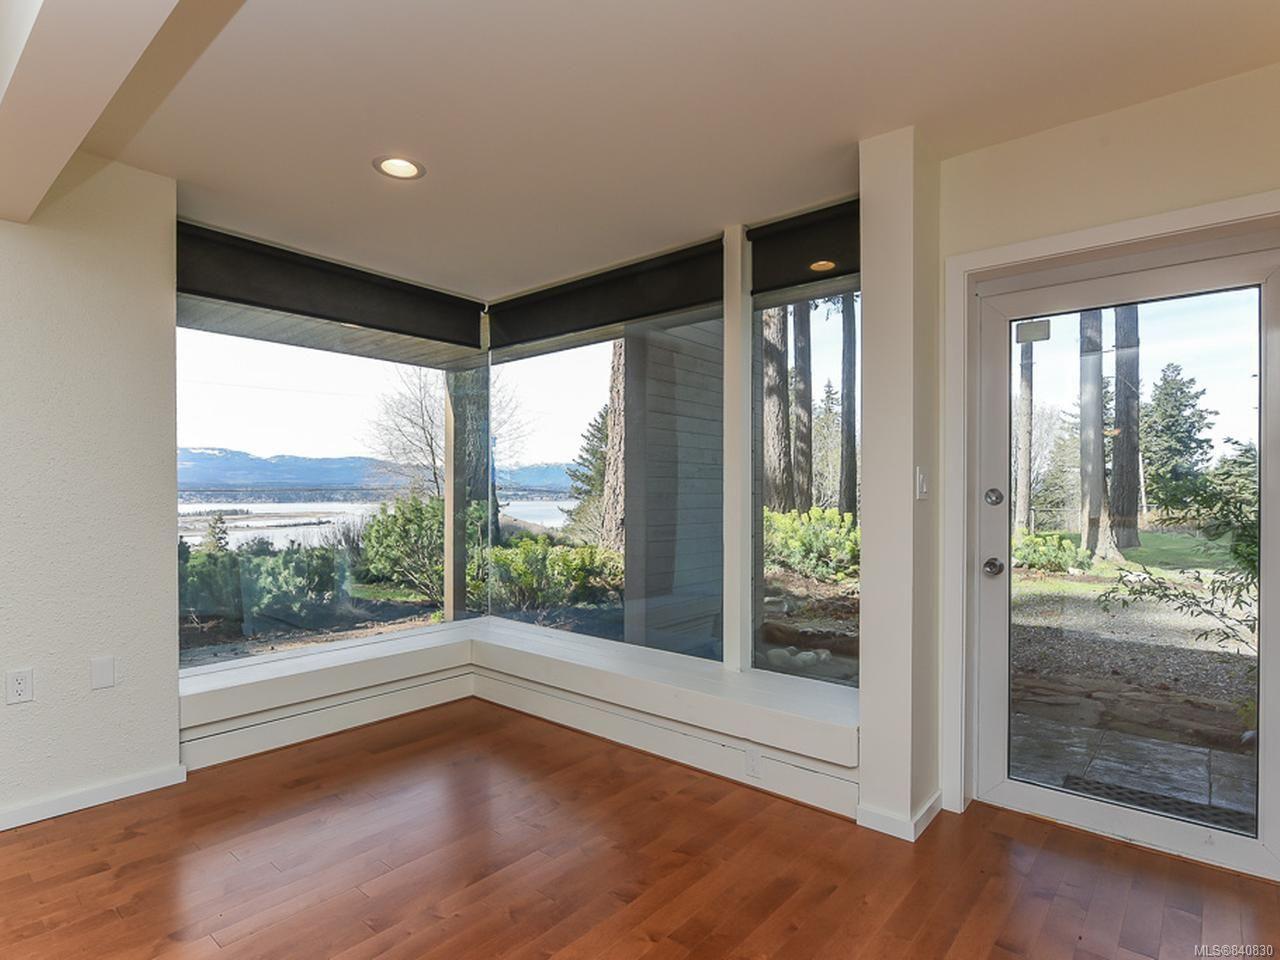 Photo 13: Photos: 1156 Moore Rd in COMOX: CV Comox Peninsula House for sale (Comox Valley)  : MLS®# 840830